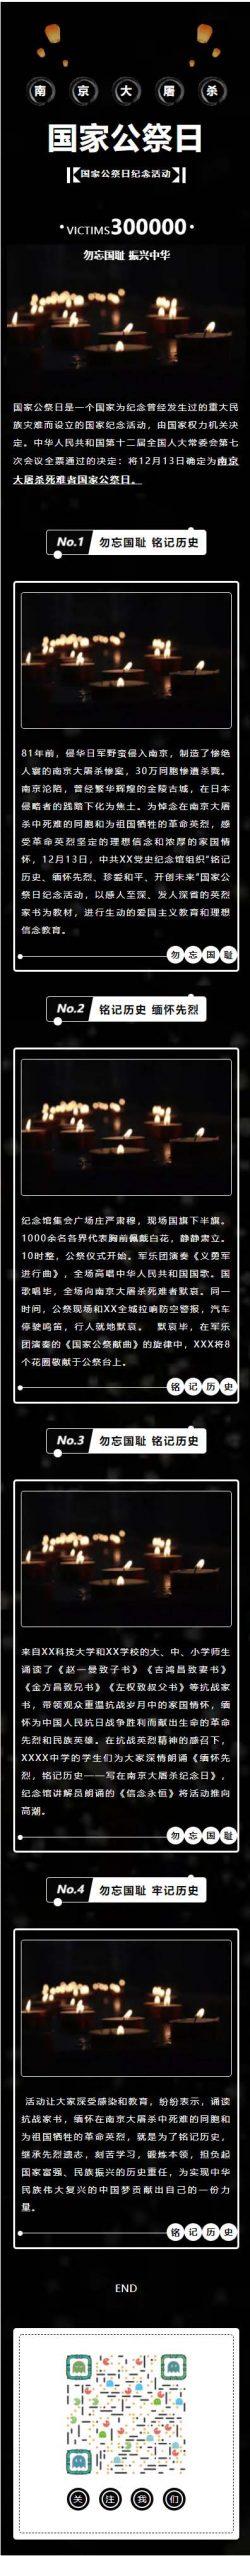 微信南京大屠杀国家公祭日纪念活动推文模板黑色风格推文素材